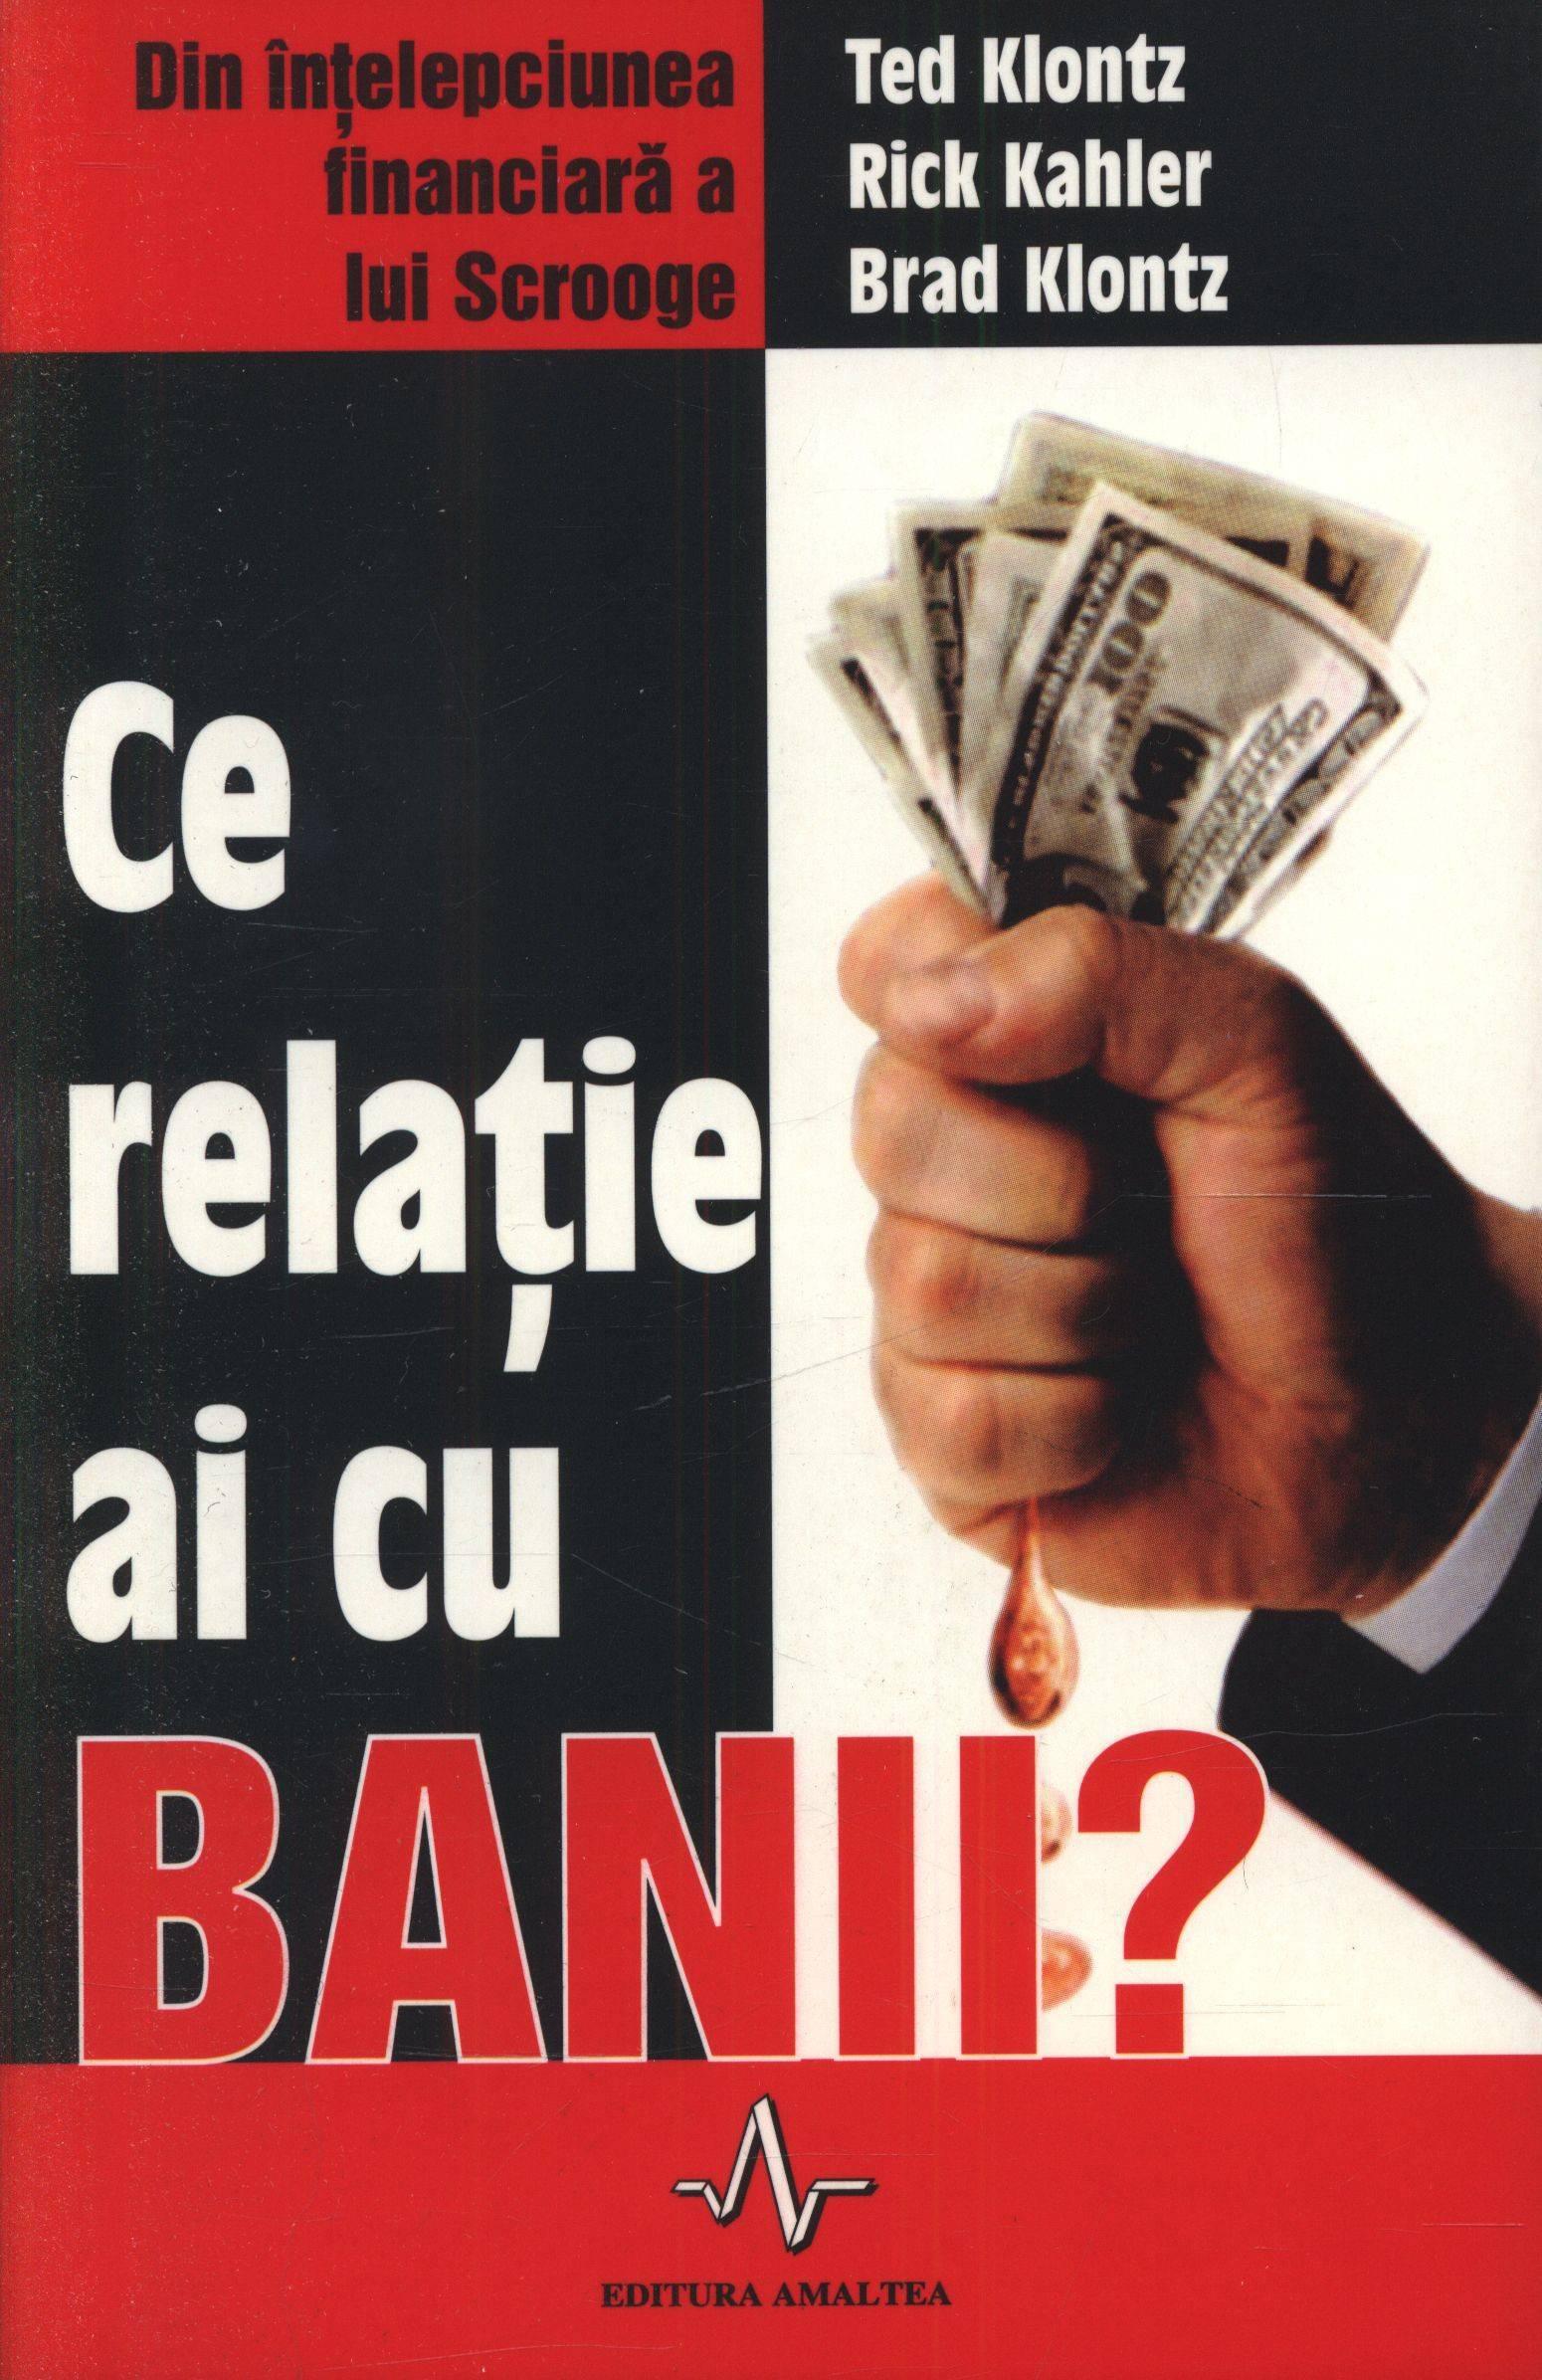 Ce Relație Ai Cu Banii? - Ted Klontz  Rick Kahler  Brad Knontz